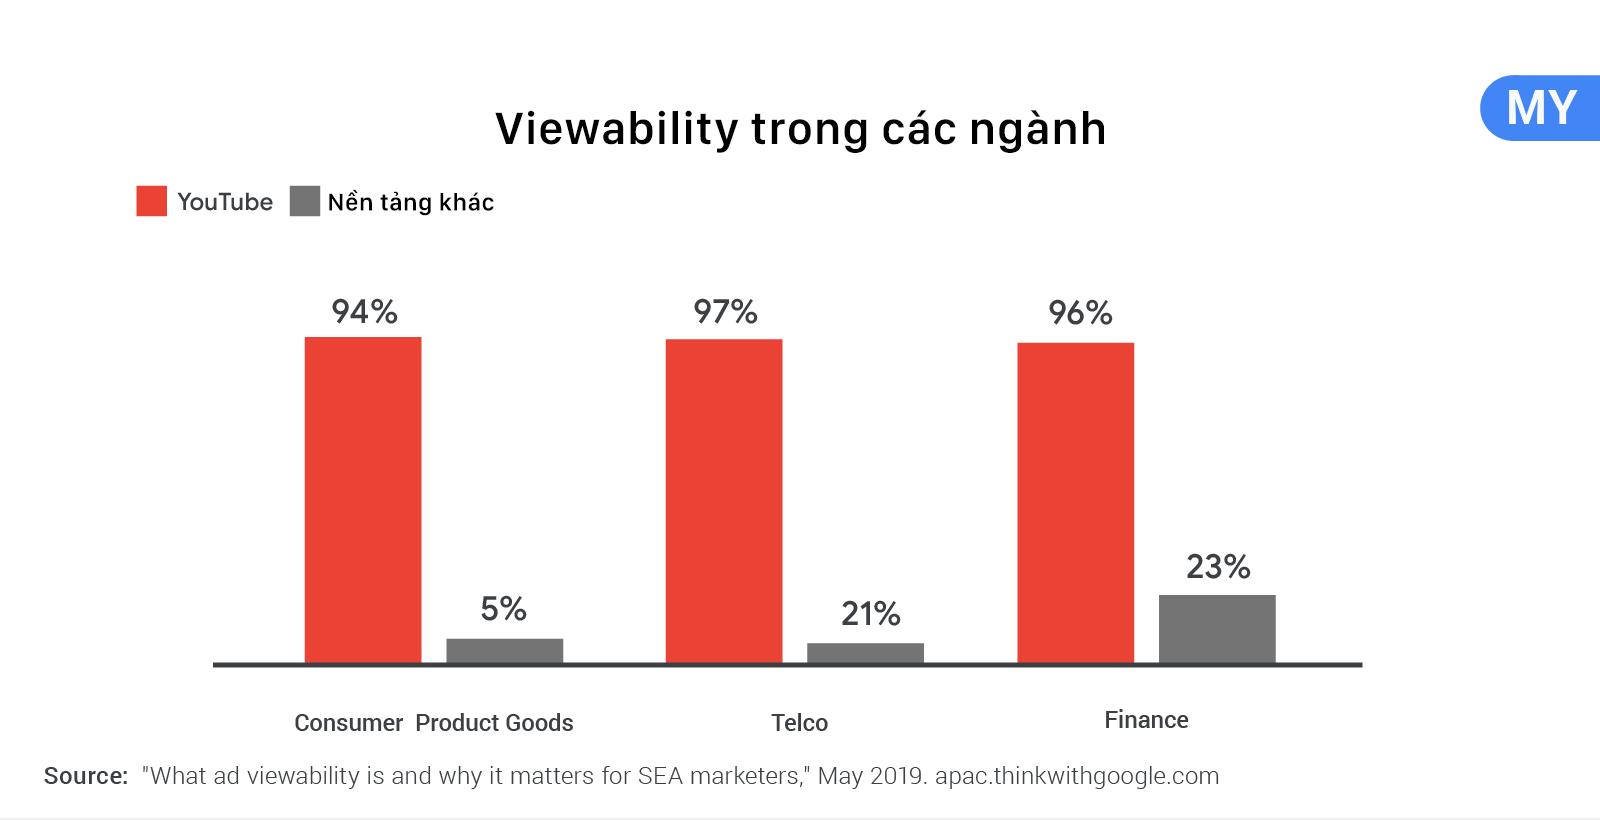 viewability trong các ngành tại MY